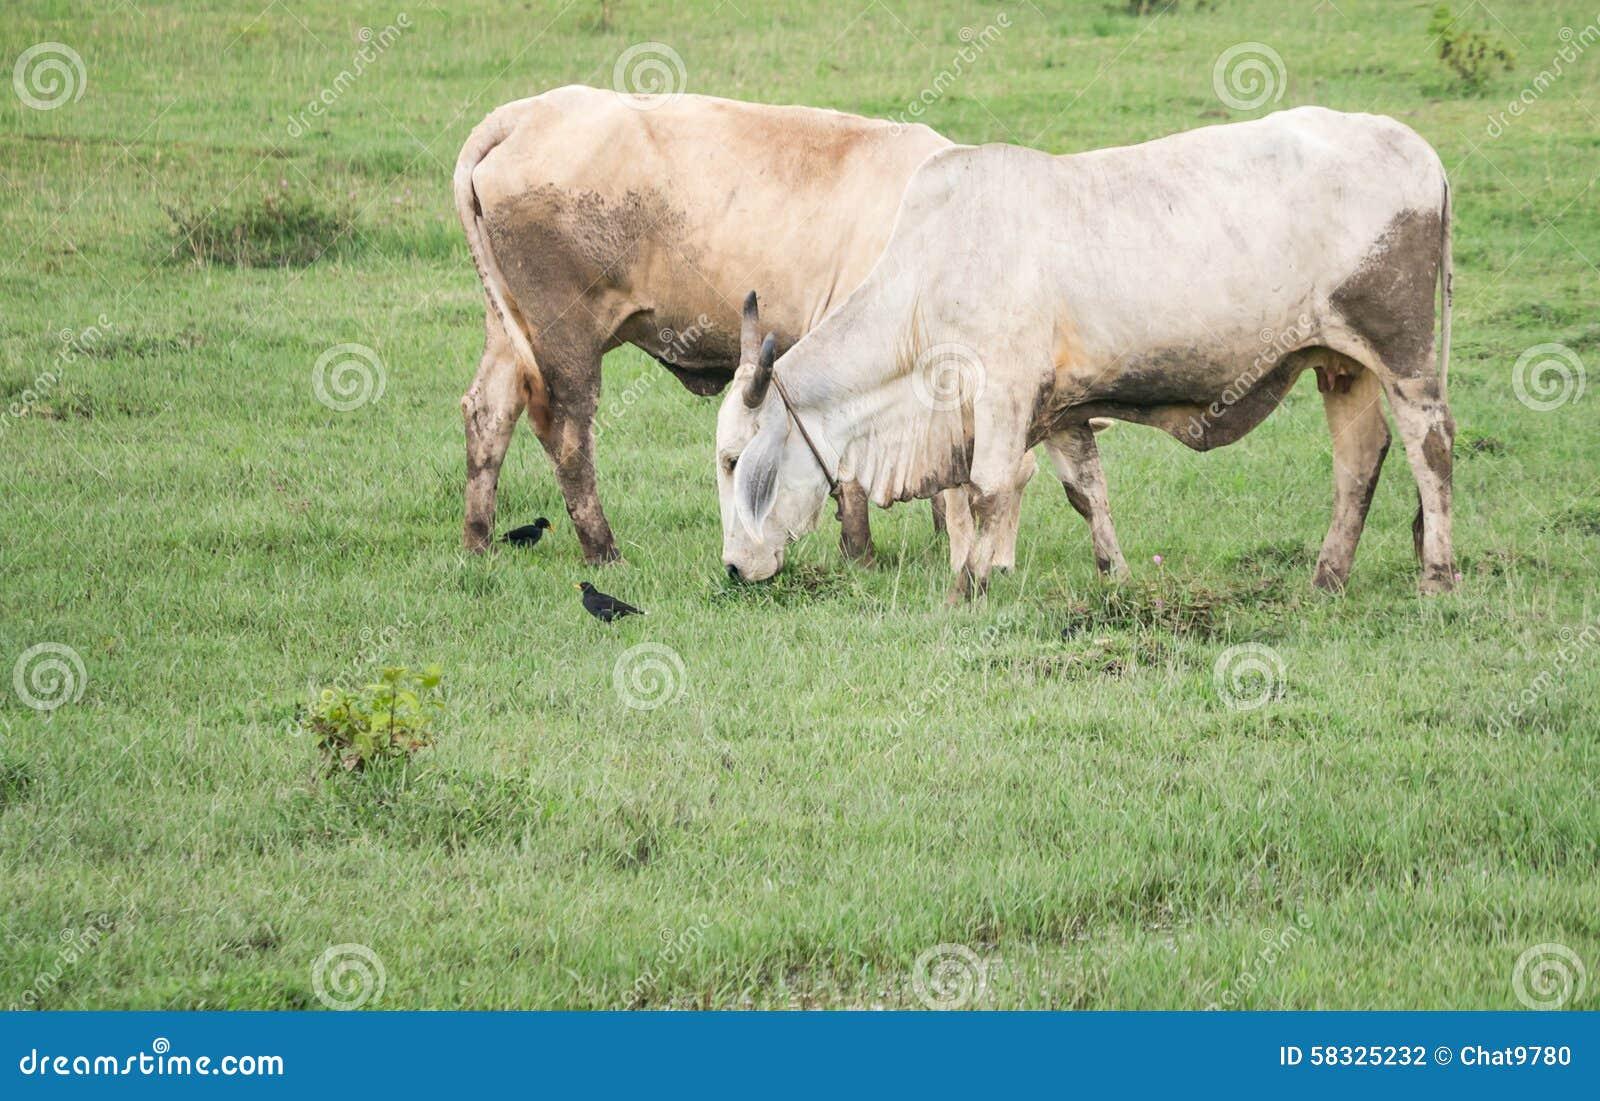 Fotos De Stock Chat9780: Vacas Foto De Archivo. Imagen De Prado, Vaca, Granja